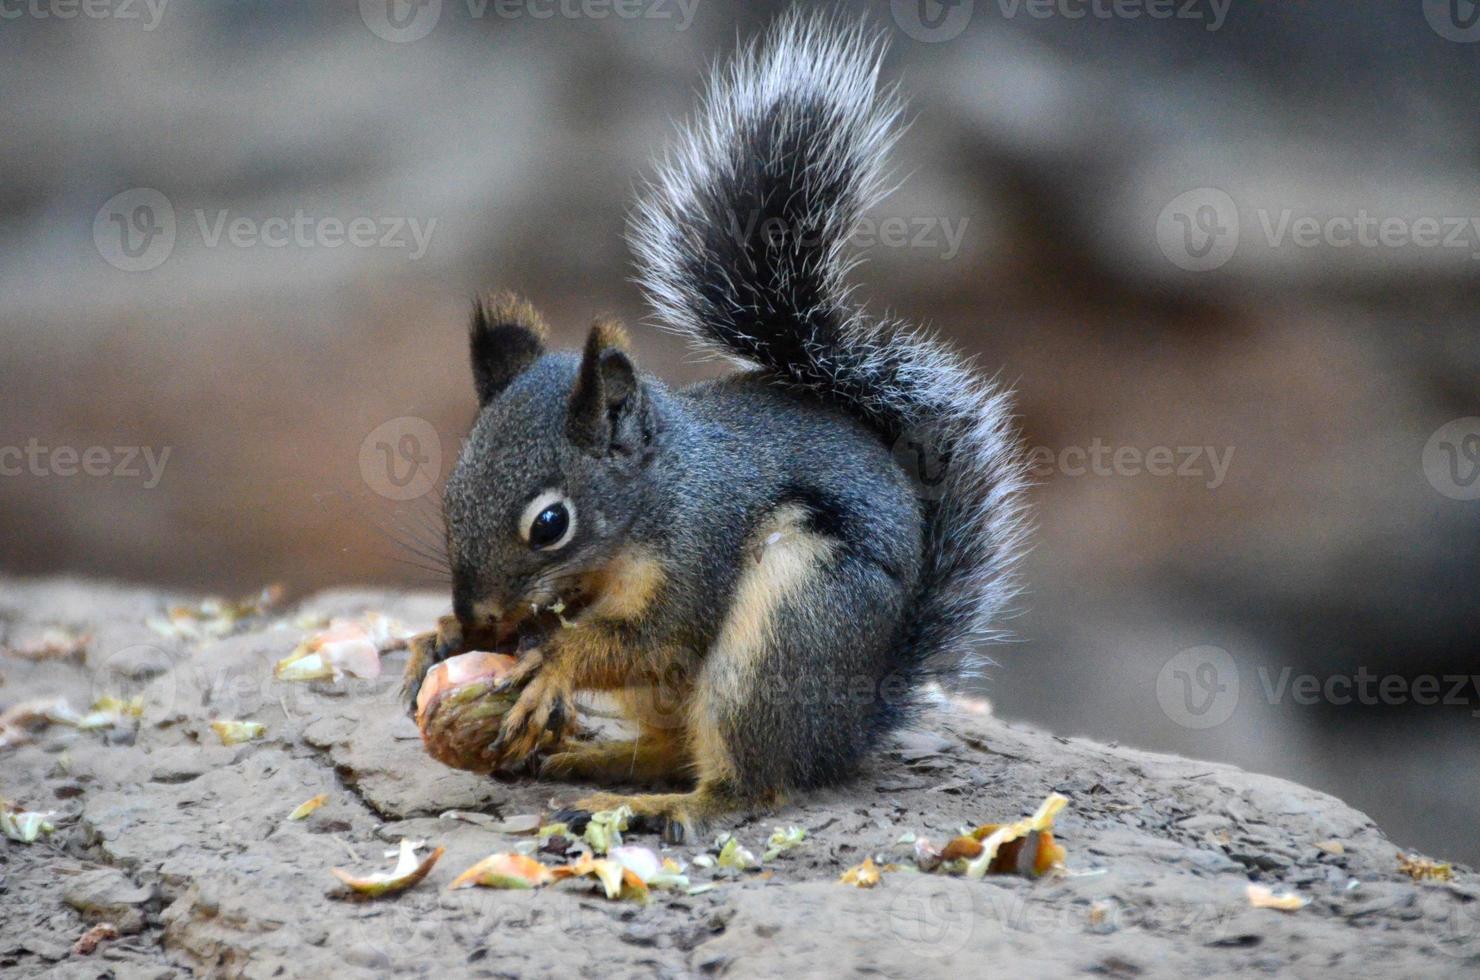 scoiattolo a terra ricoperto d'oro foto